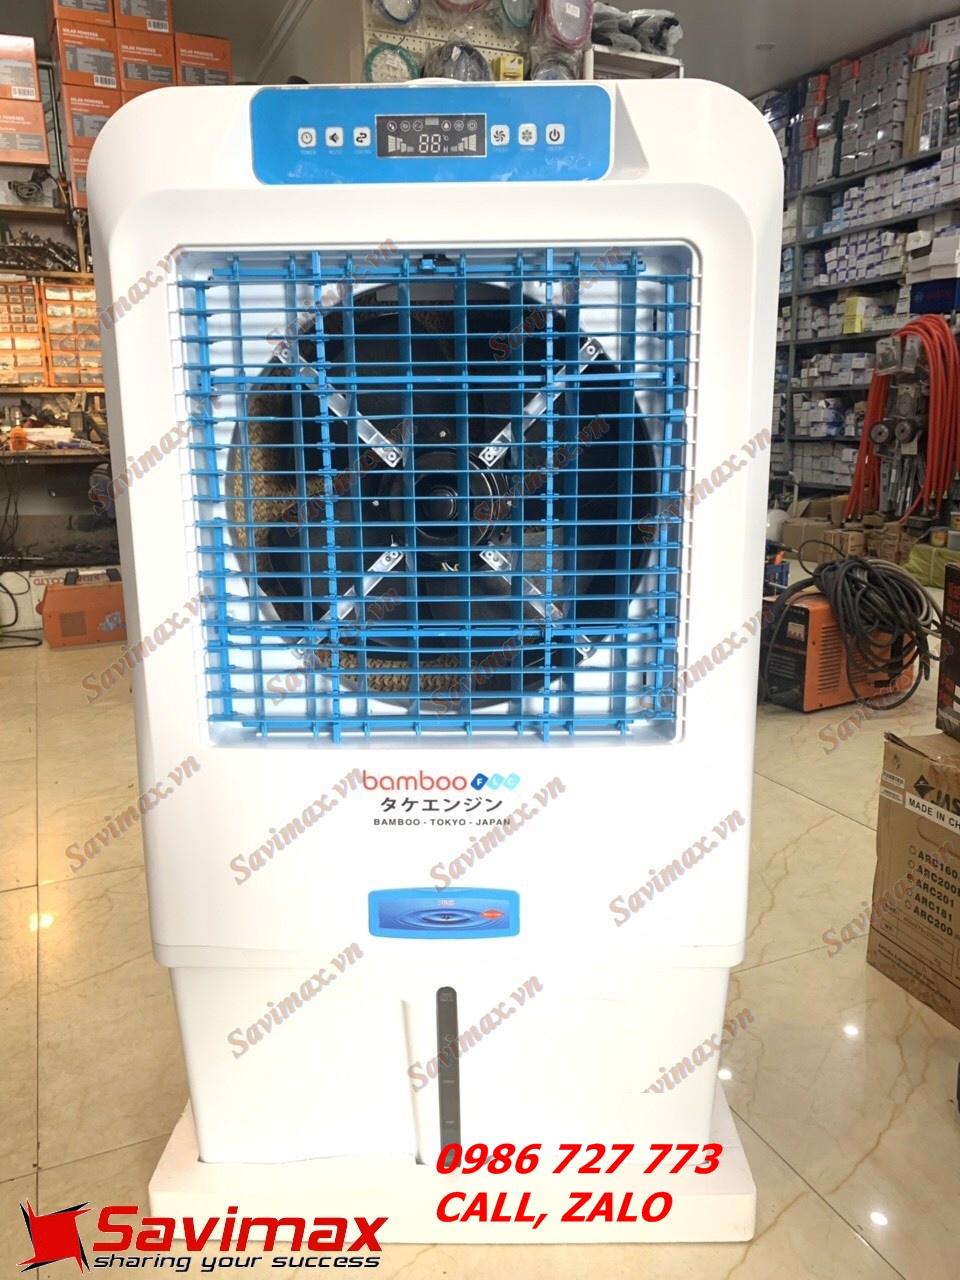 www.kenhraovat.com: Máy làm mát Nhật Bản mua tại Hà Nội